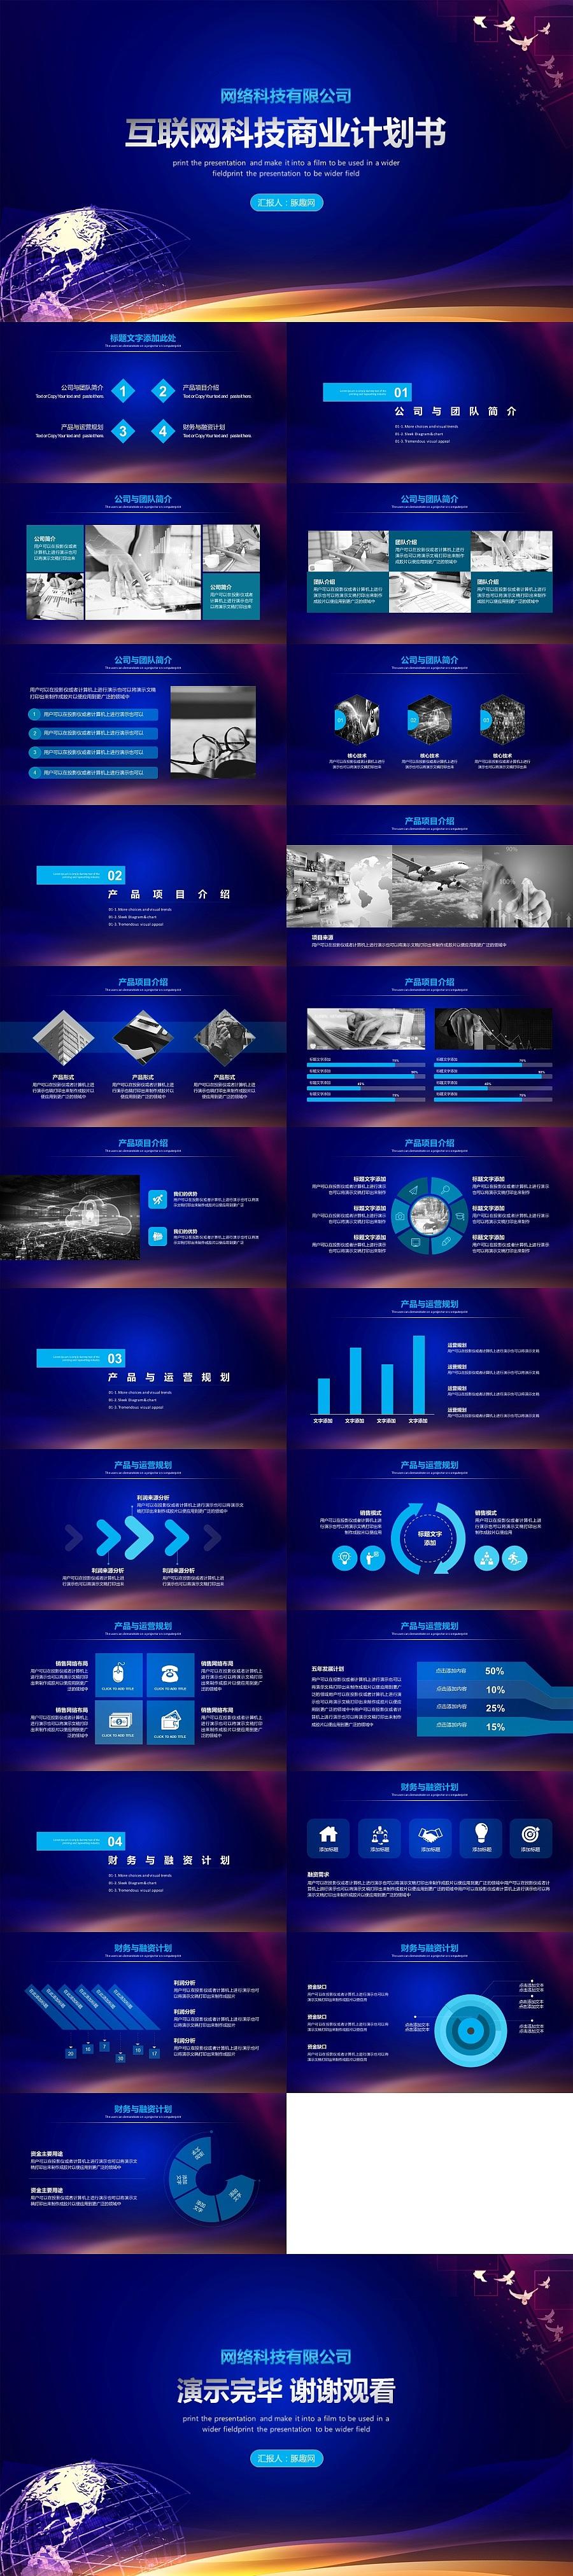 互联网云计划科技商业计划书ppt模板图片